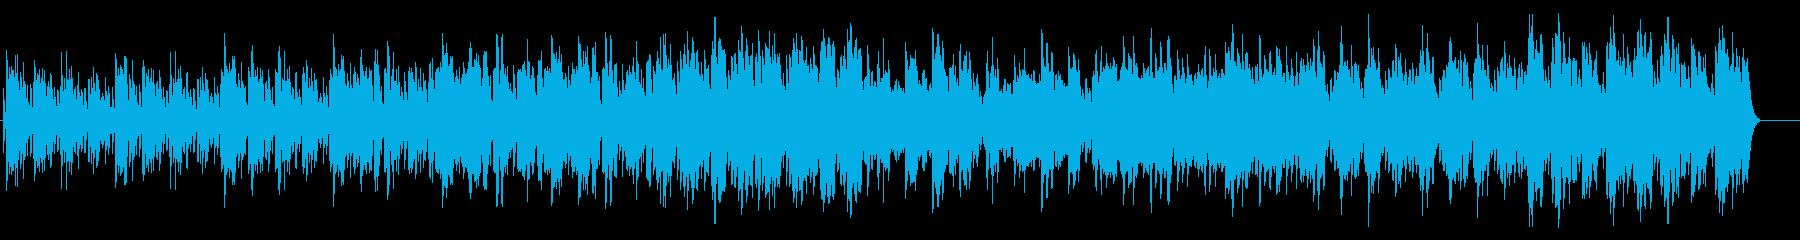 不思議・浮遊感のあるマリンバとオーボエ曲の再生済みの波形